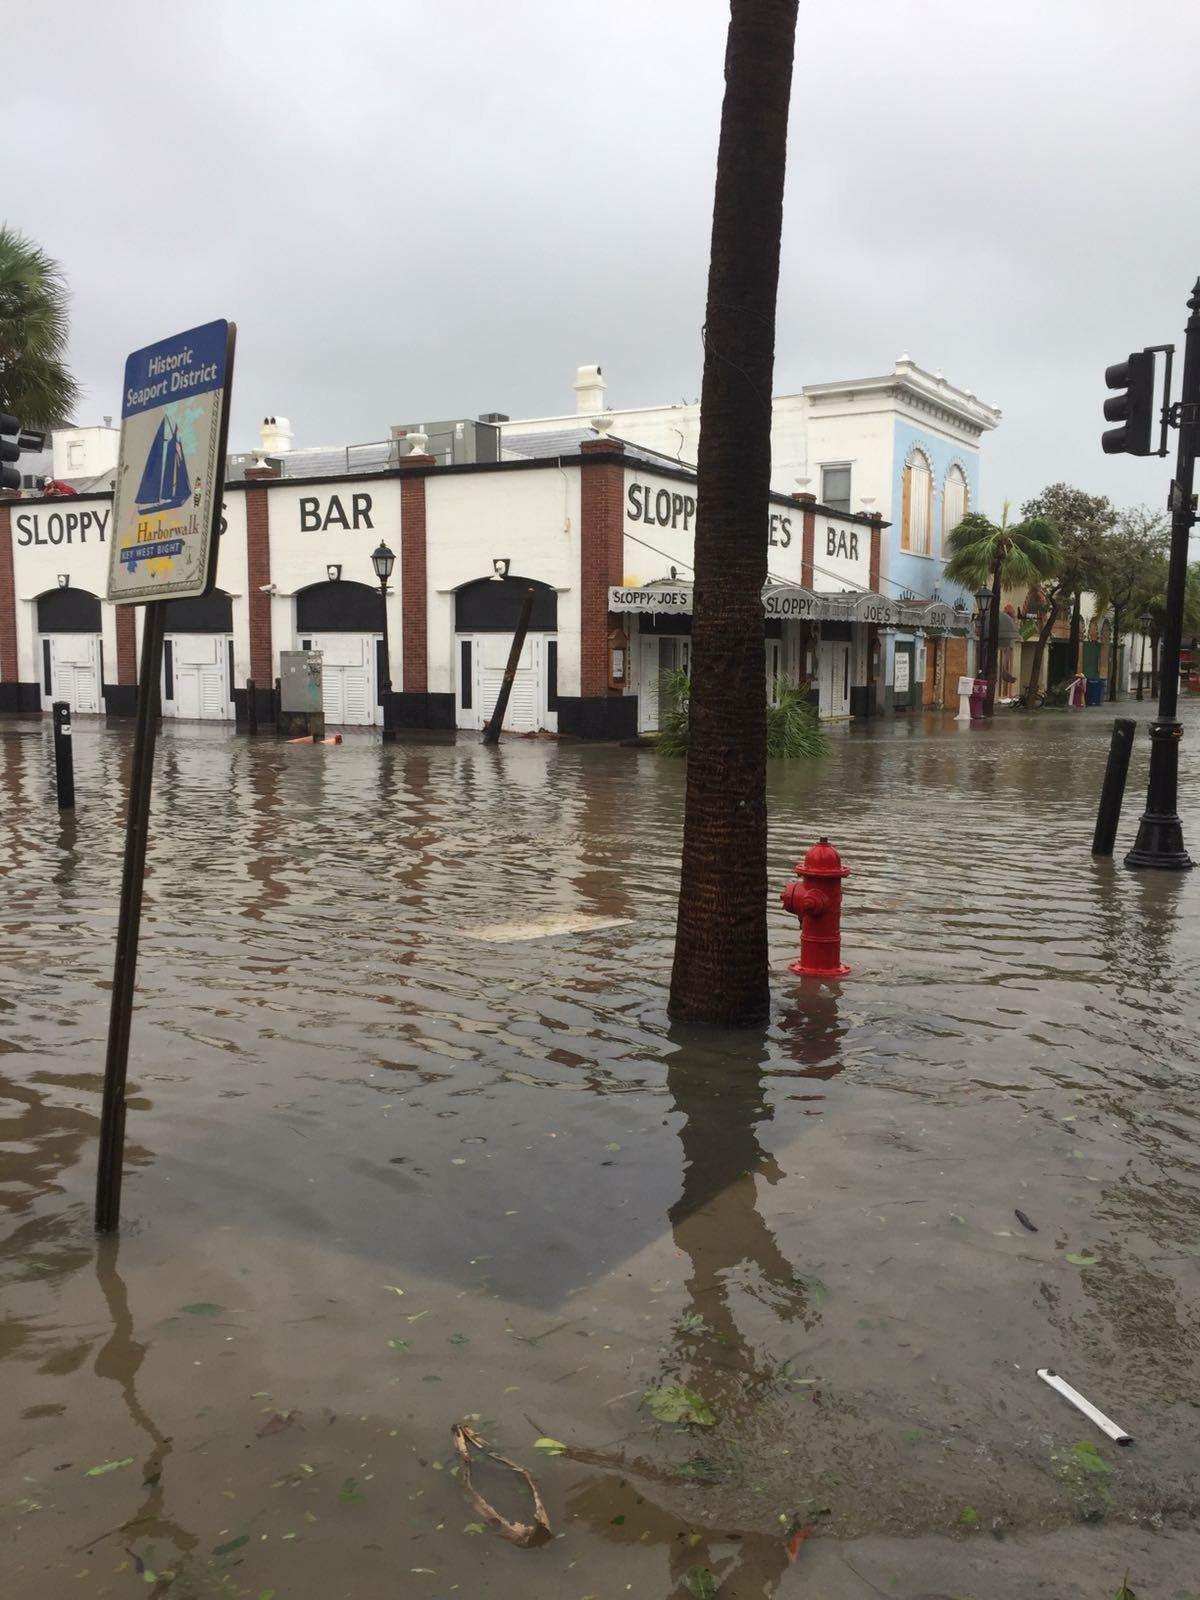 Sloppy Joe s in Key West after Hurricane Irma